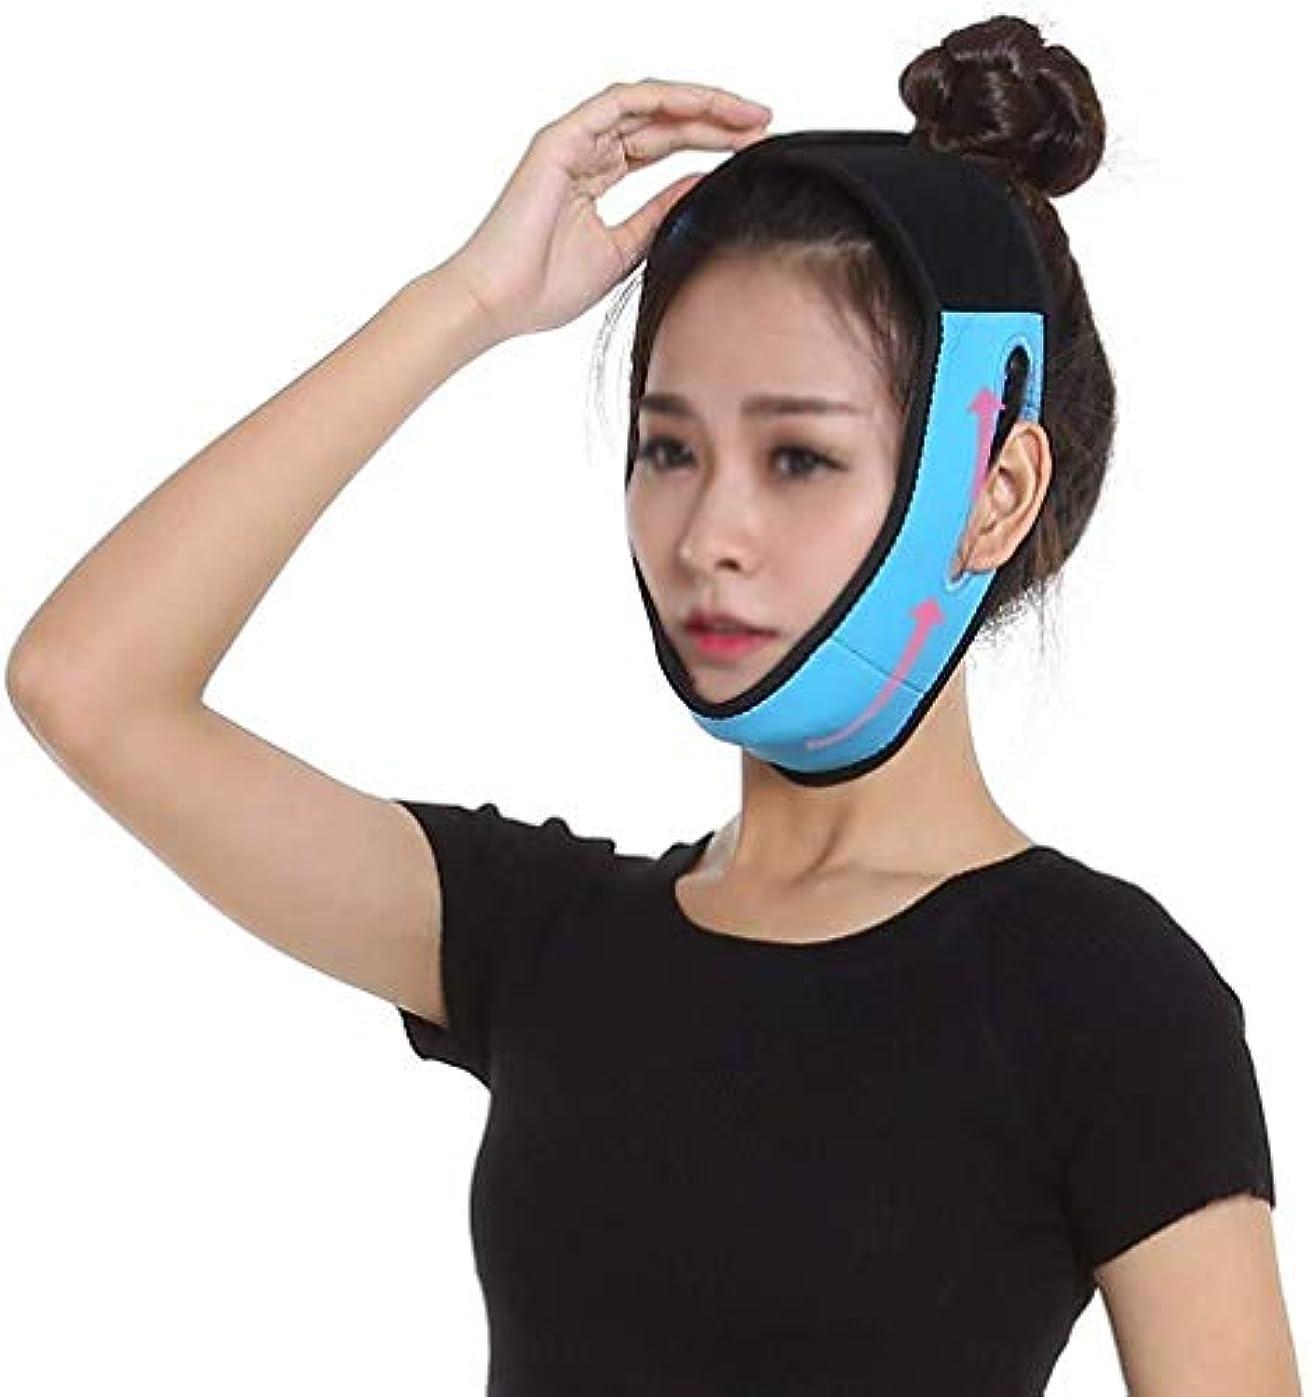 経験畝間伝導美しさと実用的なスリミングベルト、フェイスマスクVフェイスアーティファクトマッサージマスクは、あごの筋肉の収縮を強化し、Vフェイスリフトのタイトな青い包帯を簡単に形成します